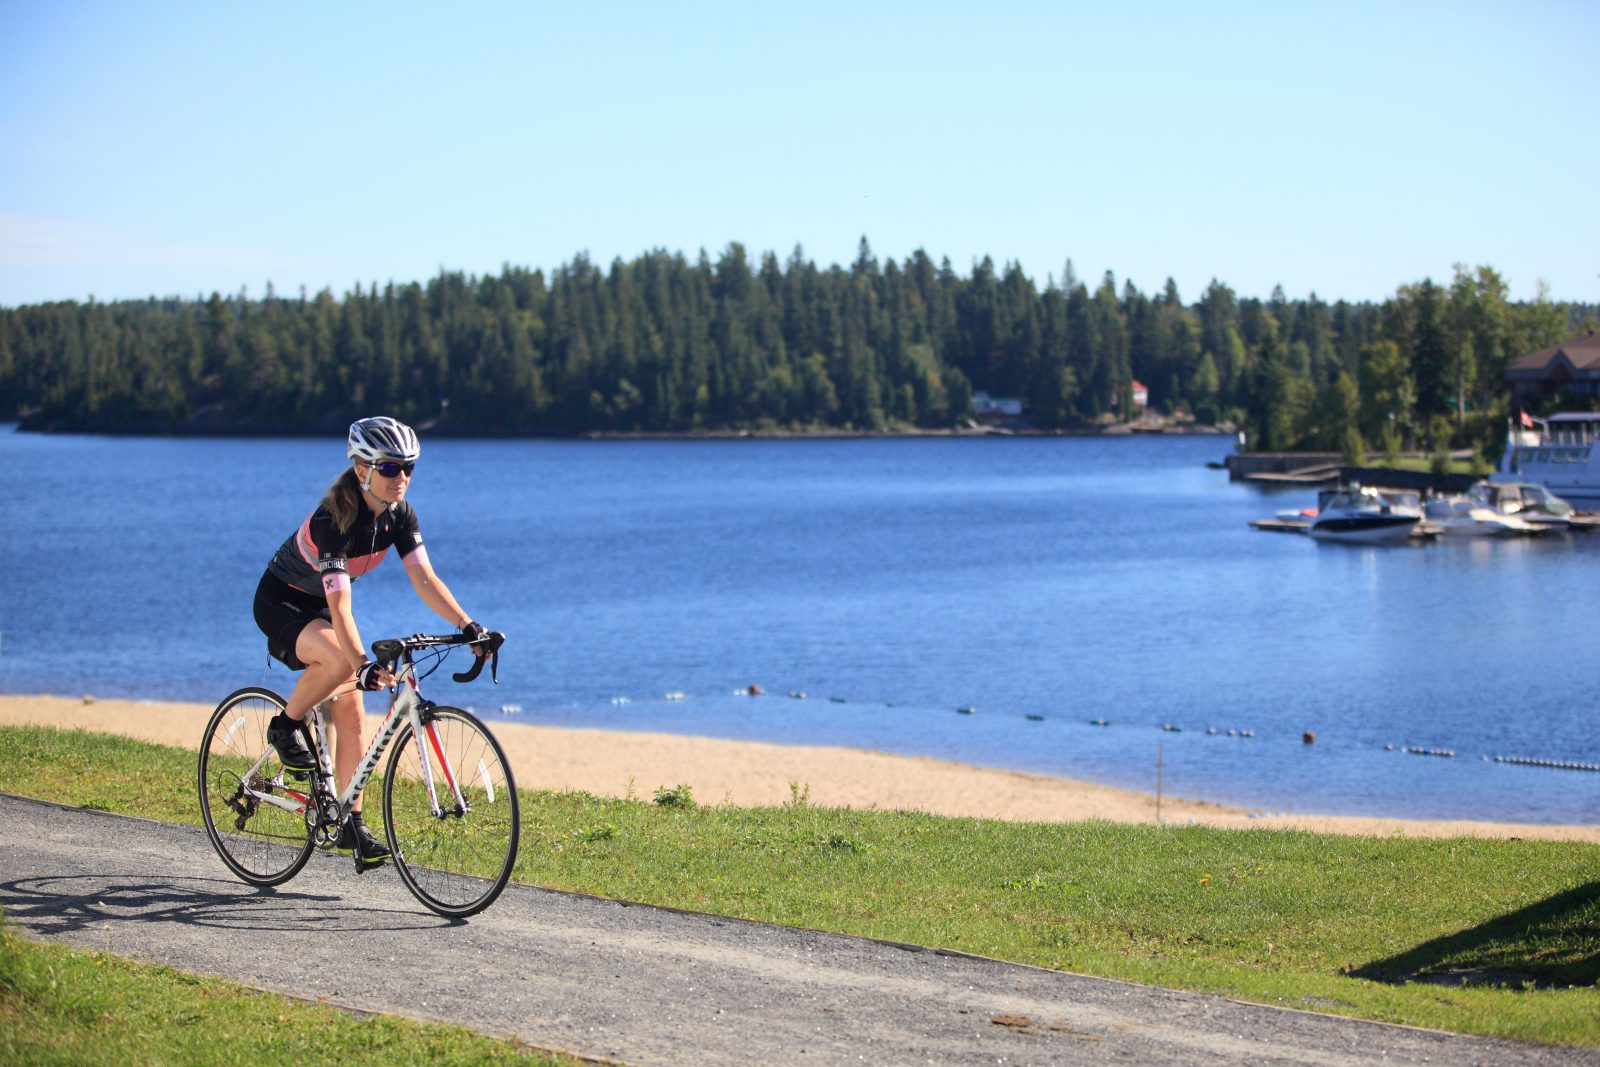 La Véloroute des bleuets ne sera pas accessible avant le mois de juin dans la MRC de Lac-Saint-Jean-Est